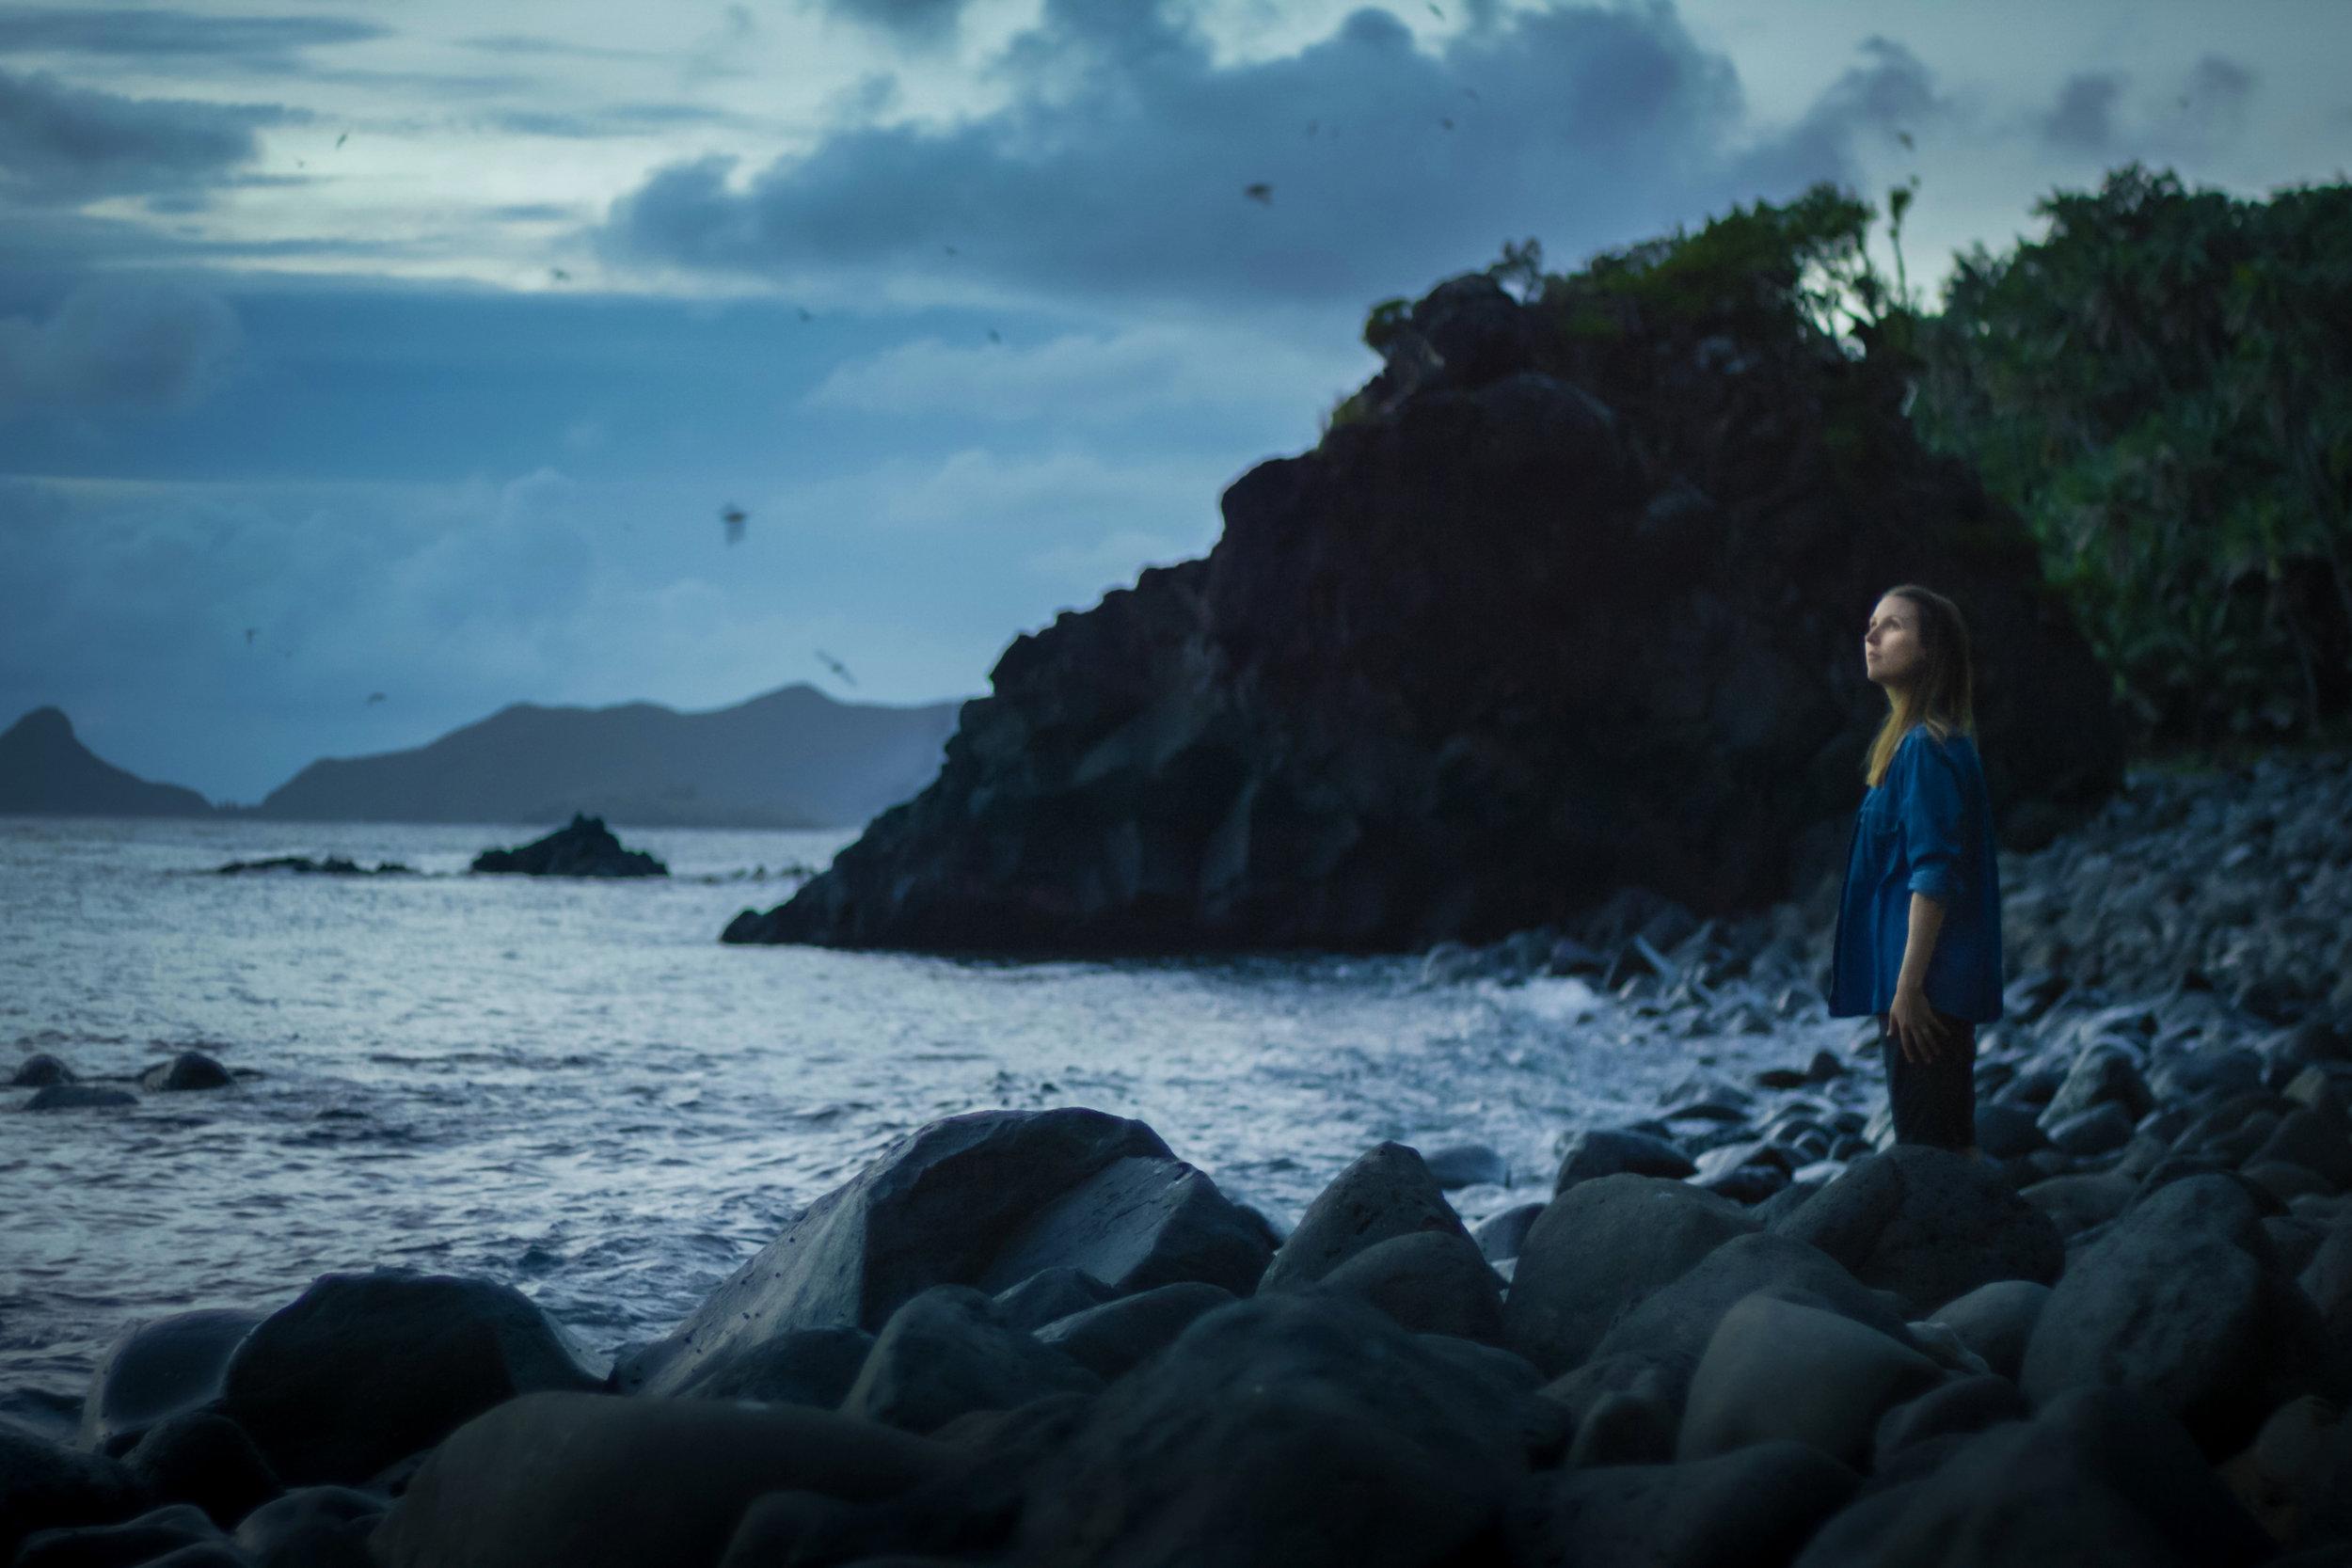 film blue america terlaris sepanjang masa download mp3 gratis mp3